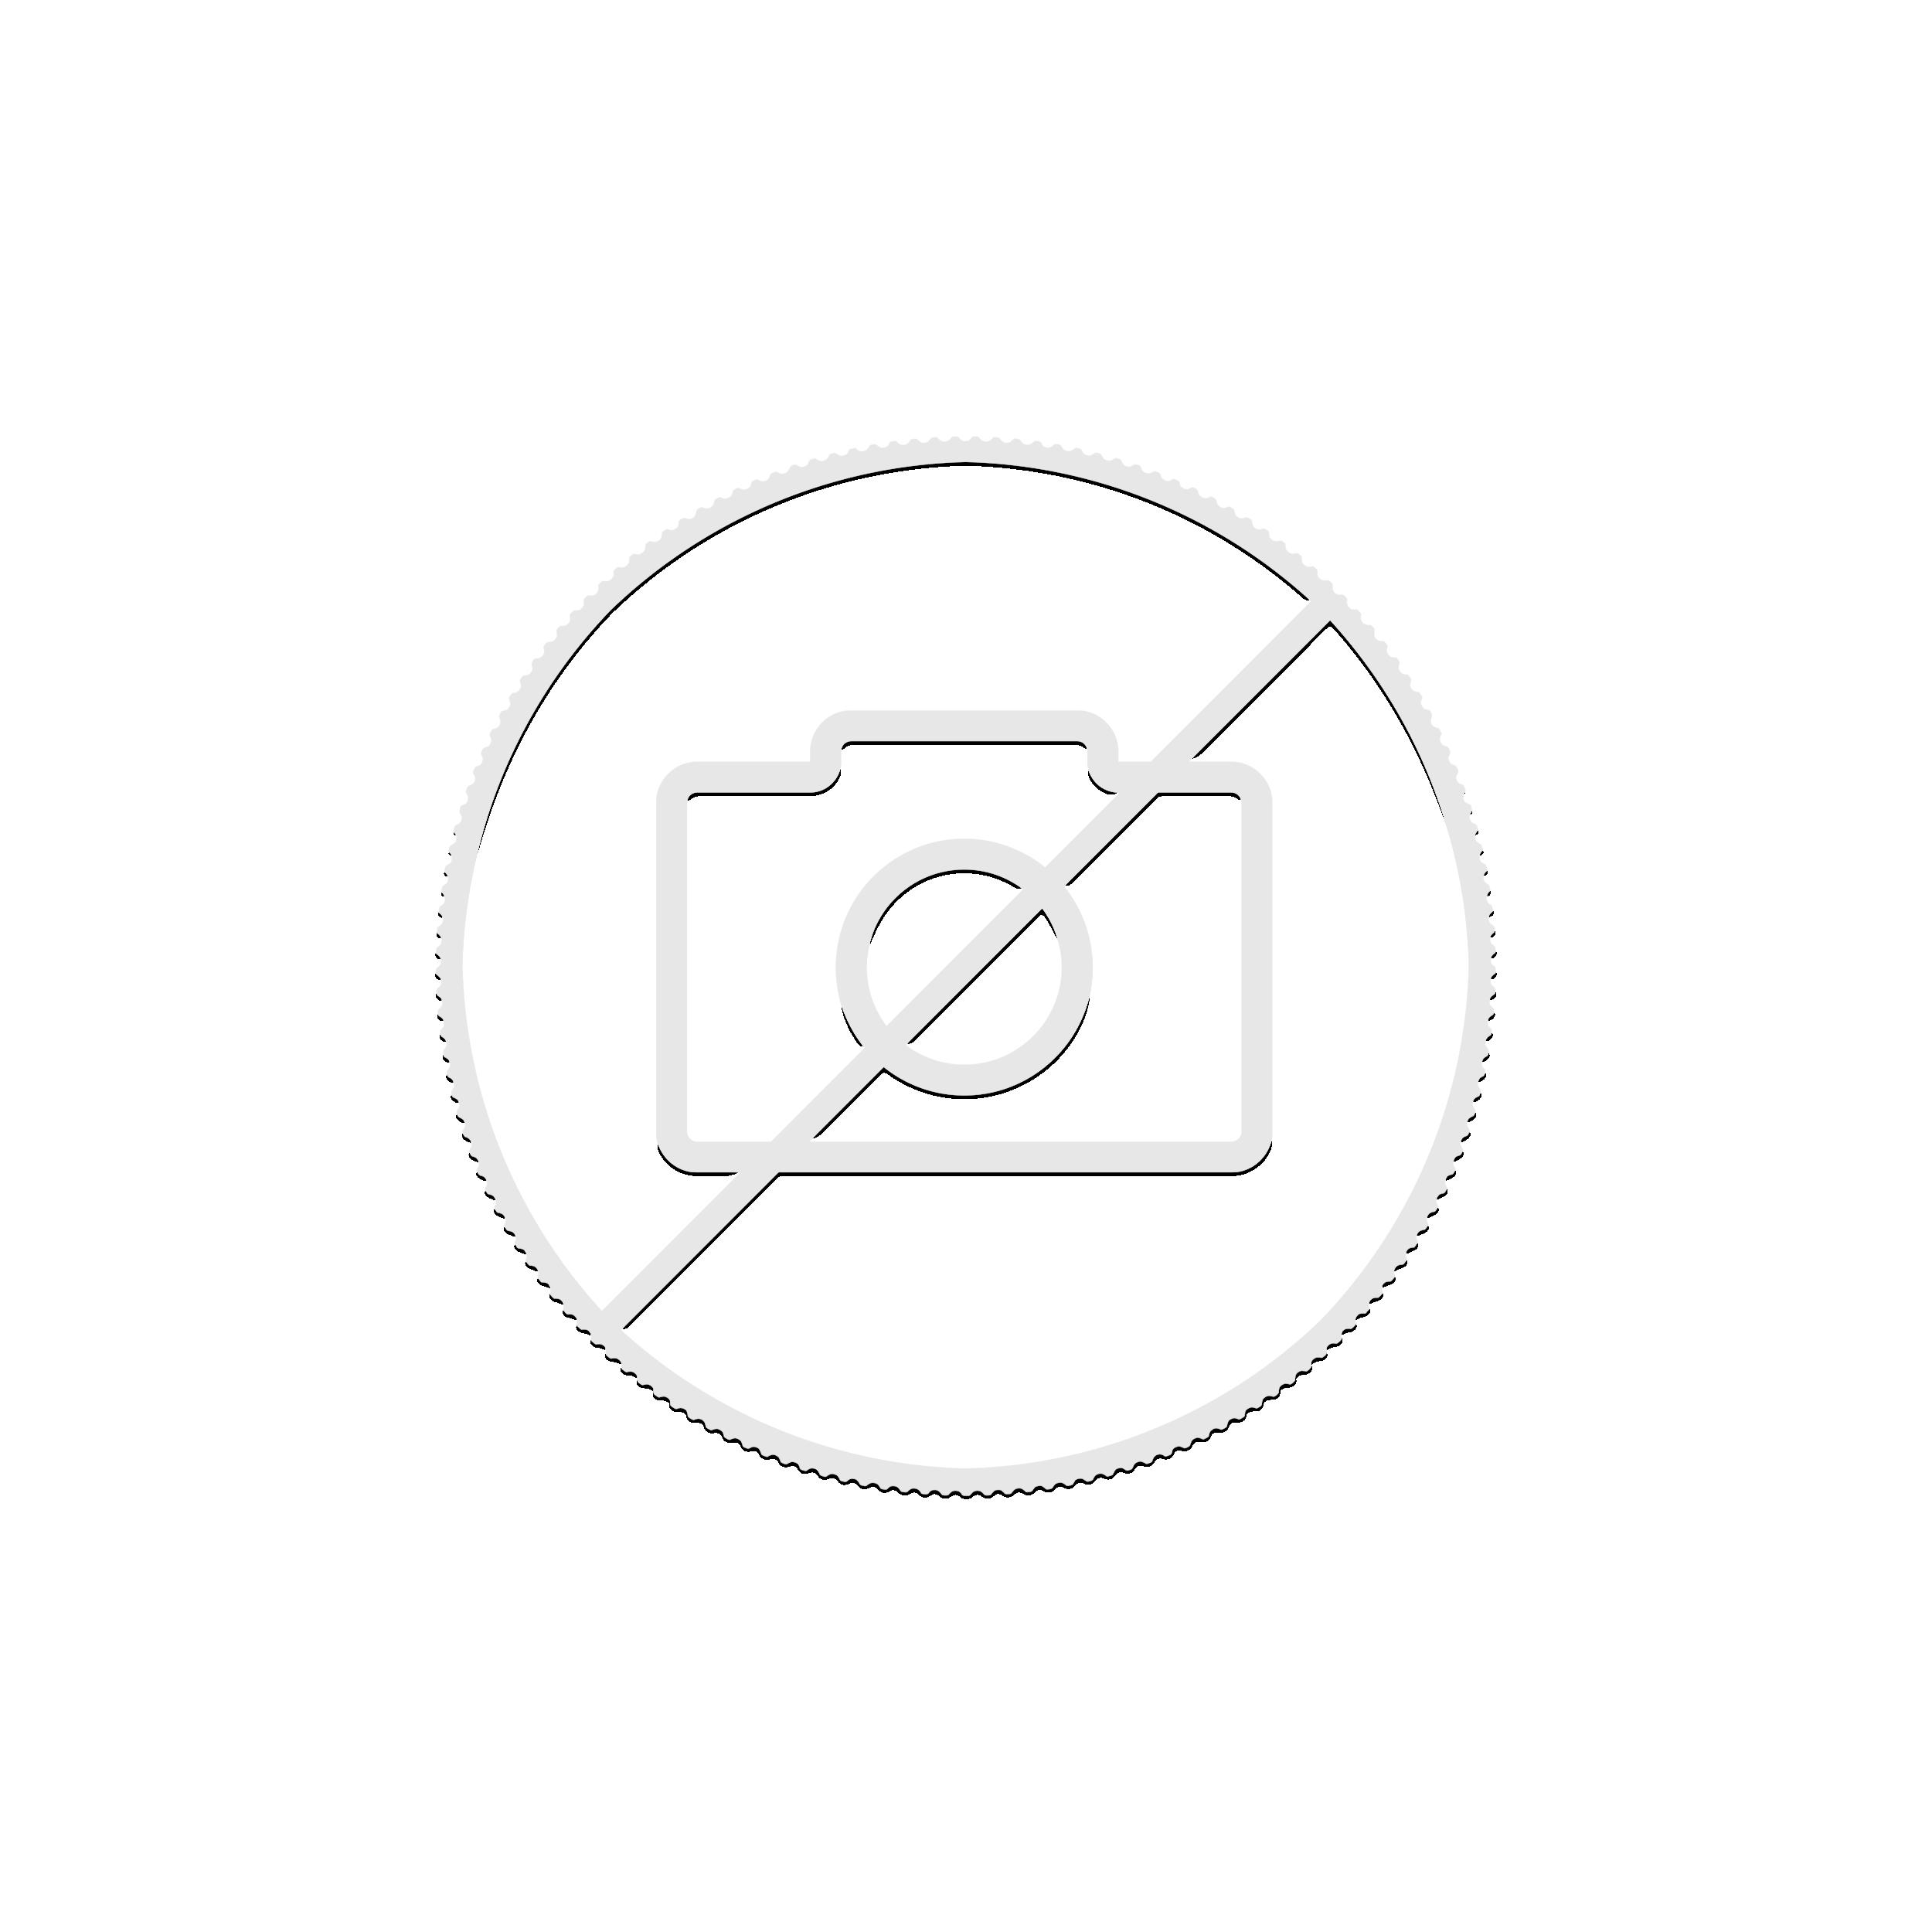 10 Troy ounce silver coin Lunar 2009